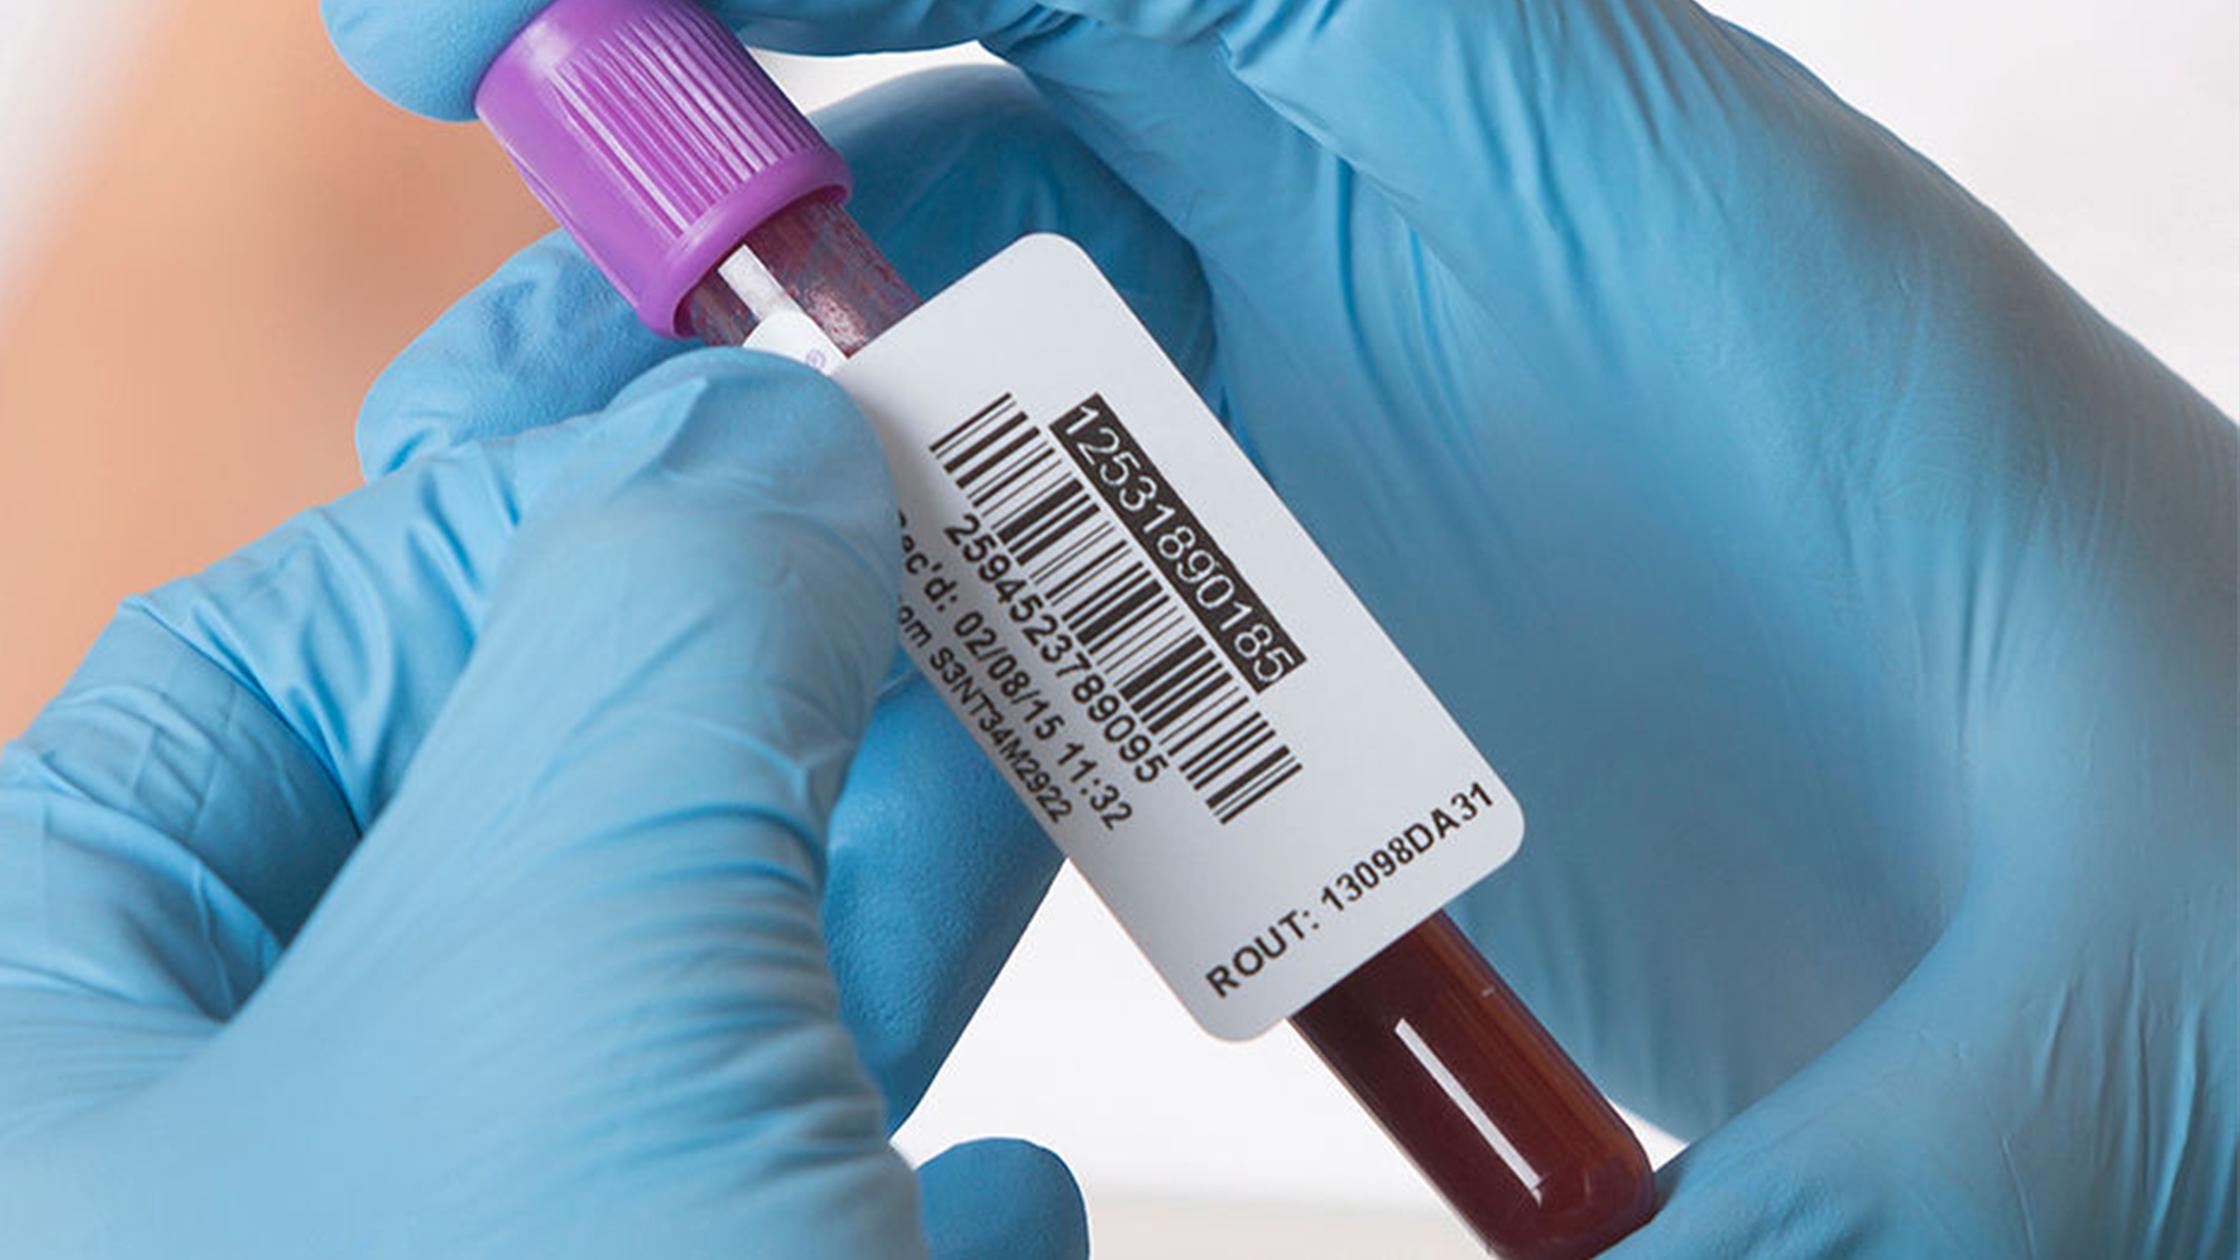 Etiquetas de Identificação: mais segurança nas instituições de saúde